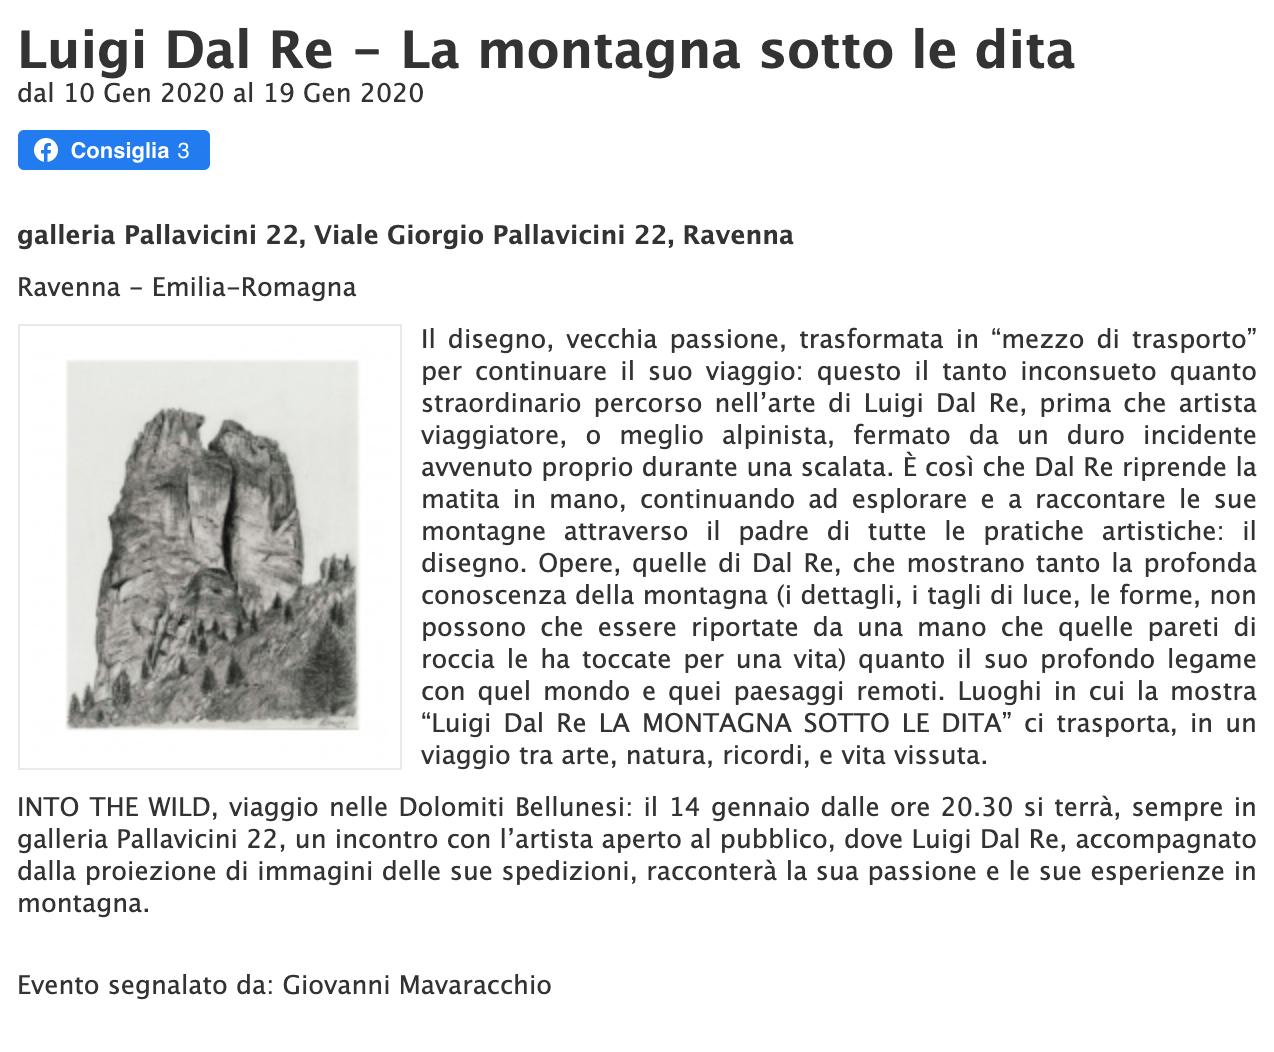 La montagna sotto le dita - Luigi Dal Re su espressioneArte | Pallavicini22 spazio espositivo Ravenna